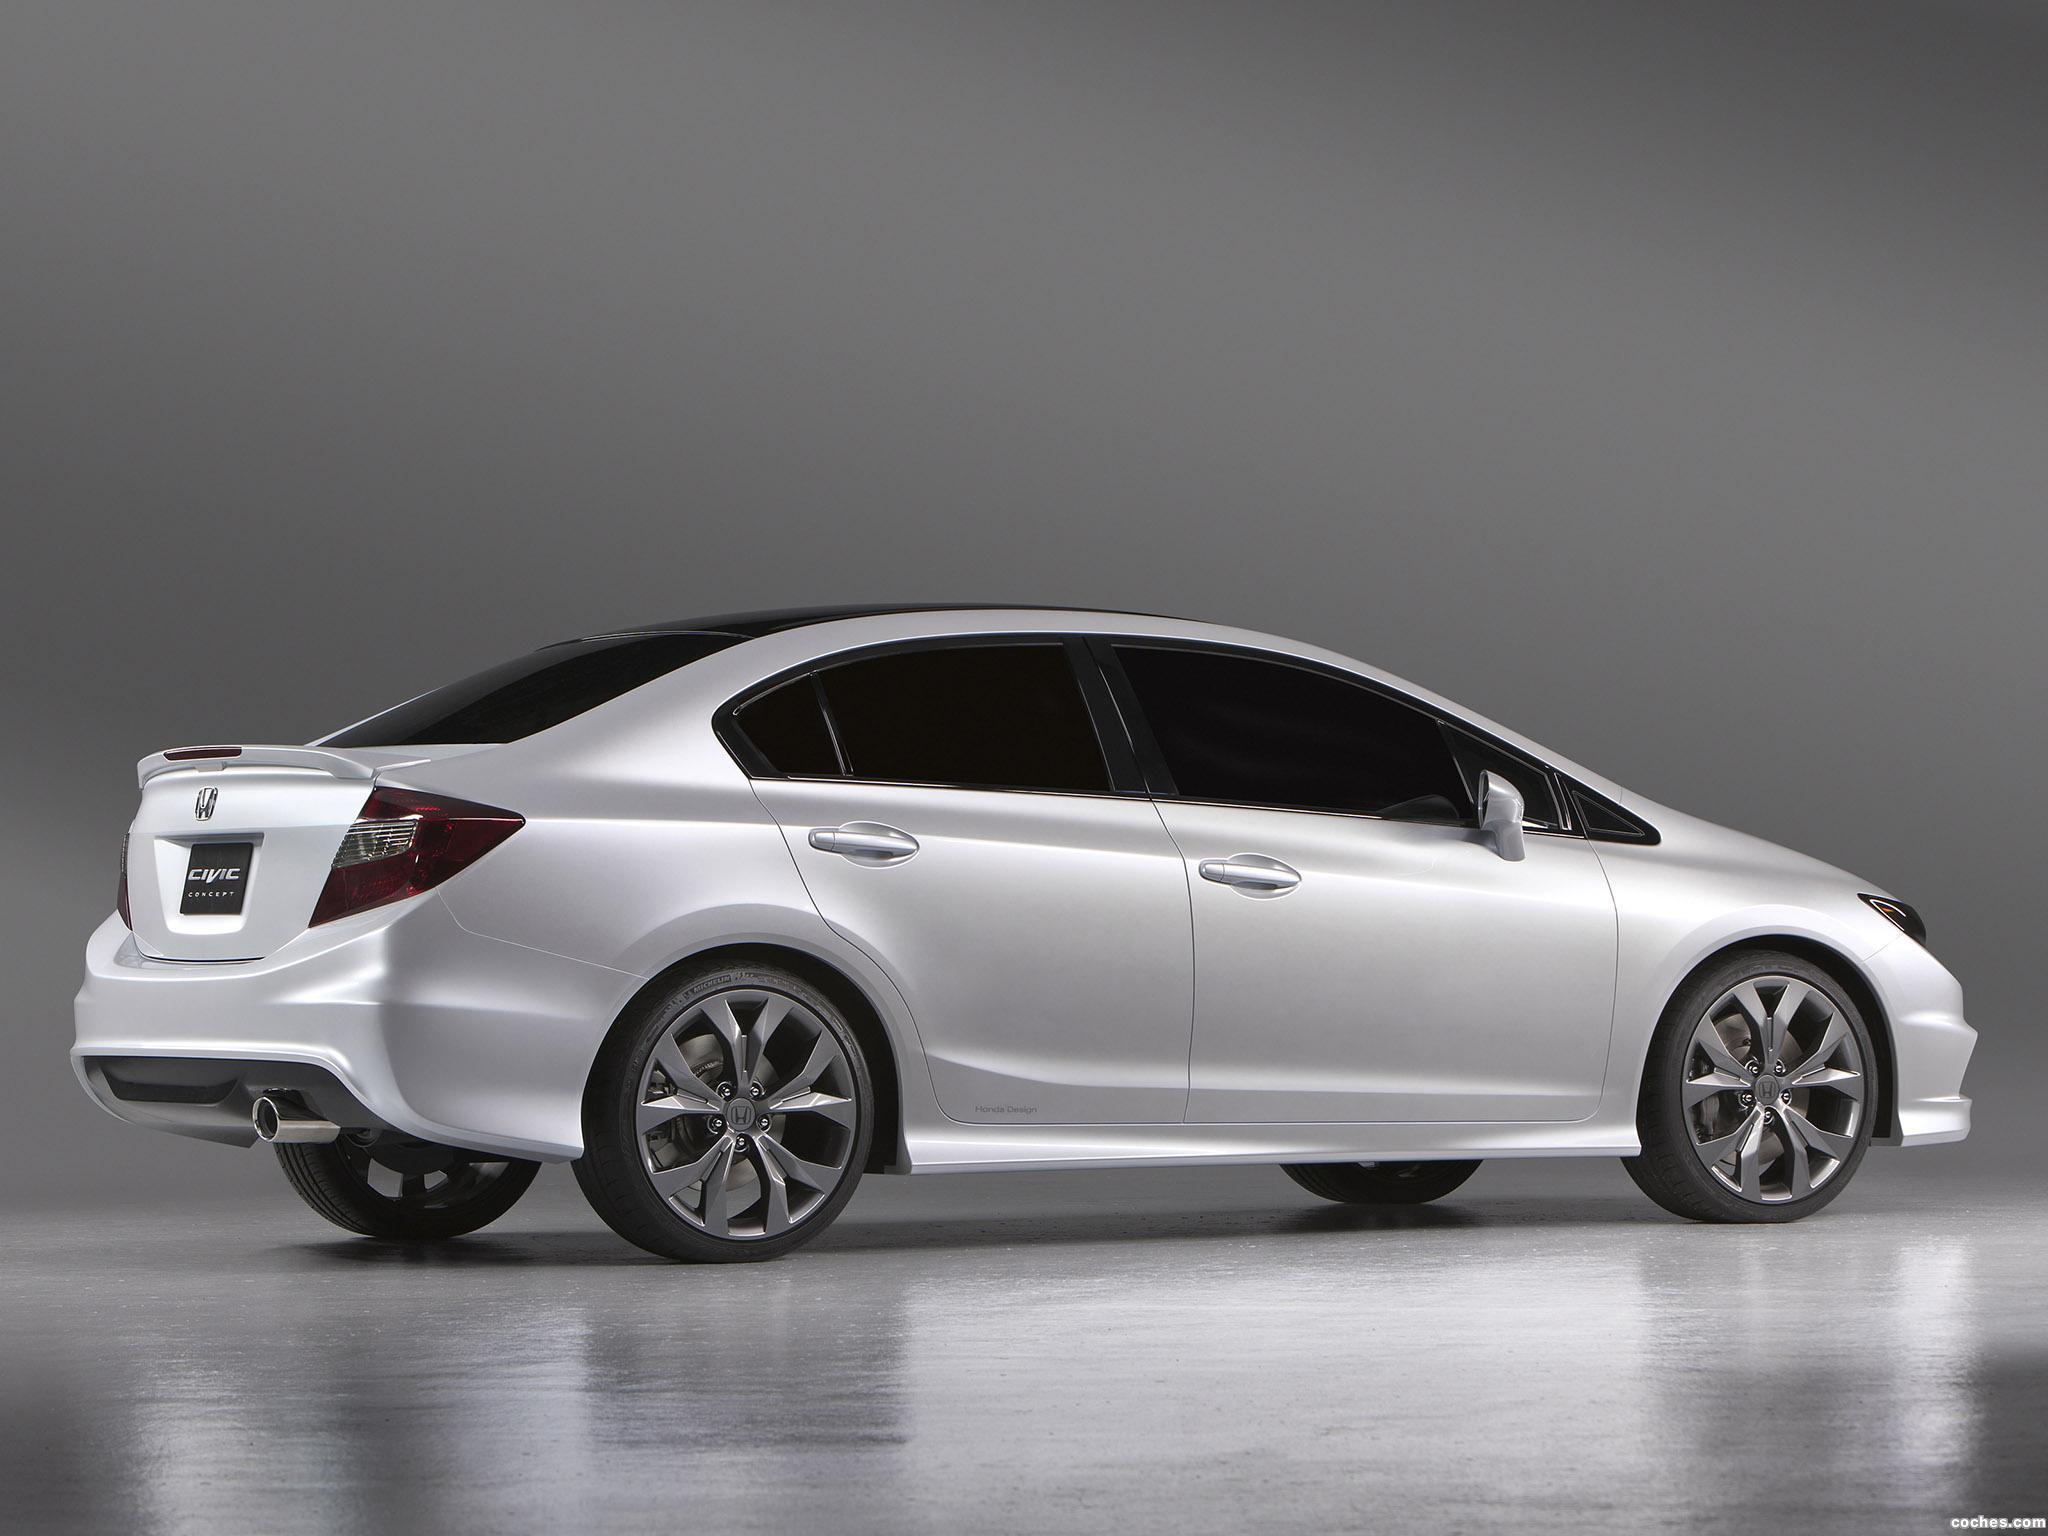 Foto 3 de Honda Civic Concept 2011